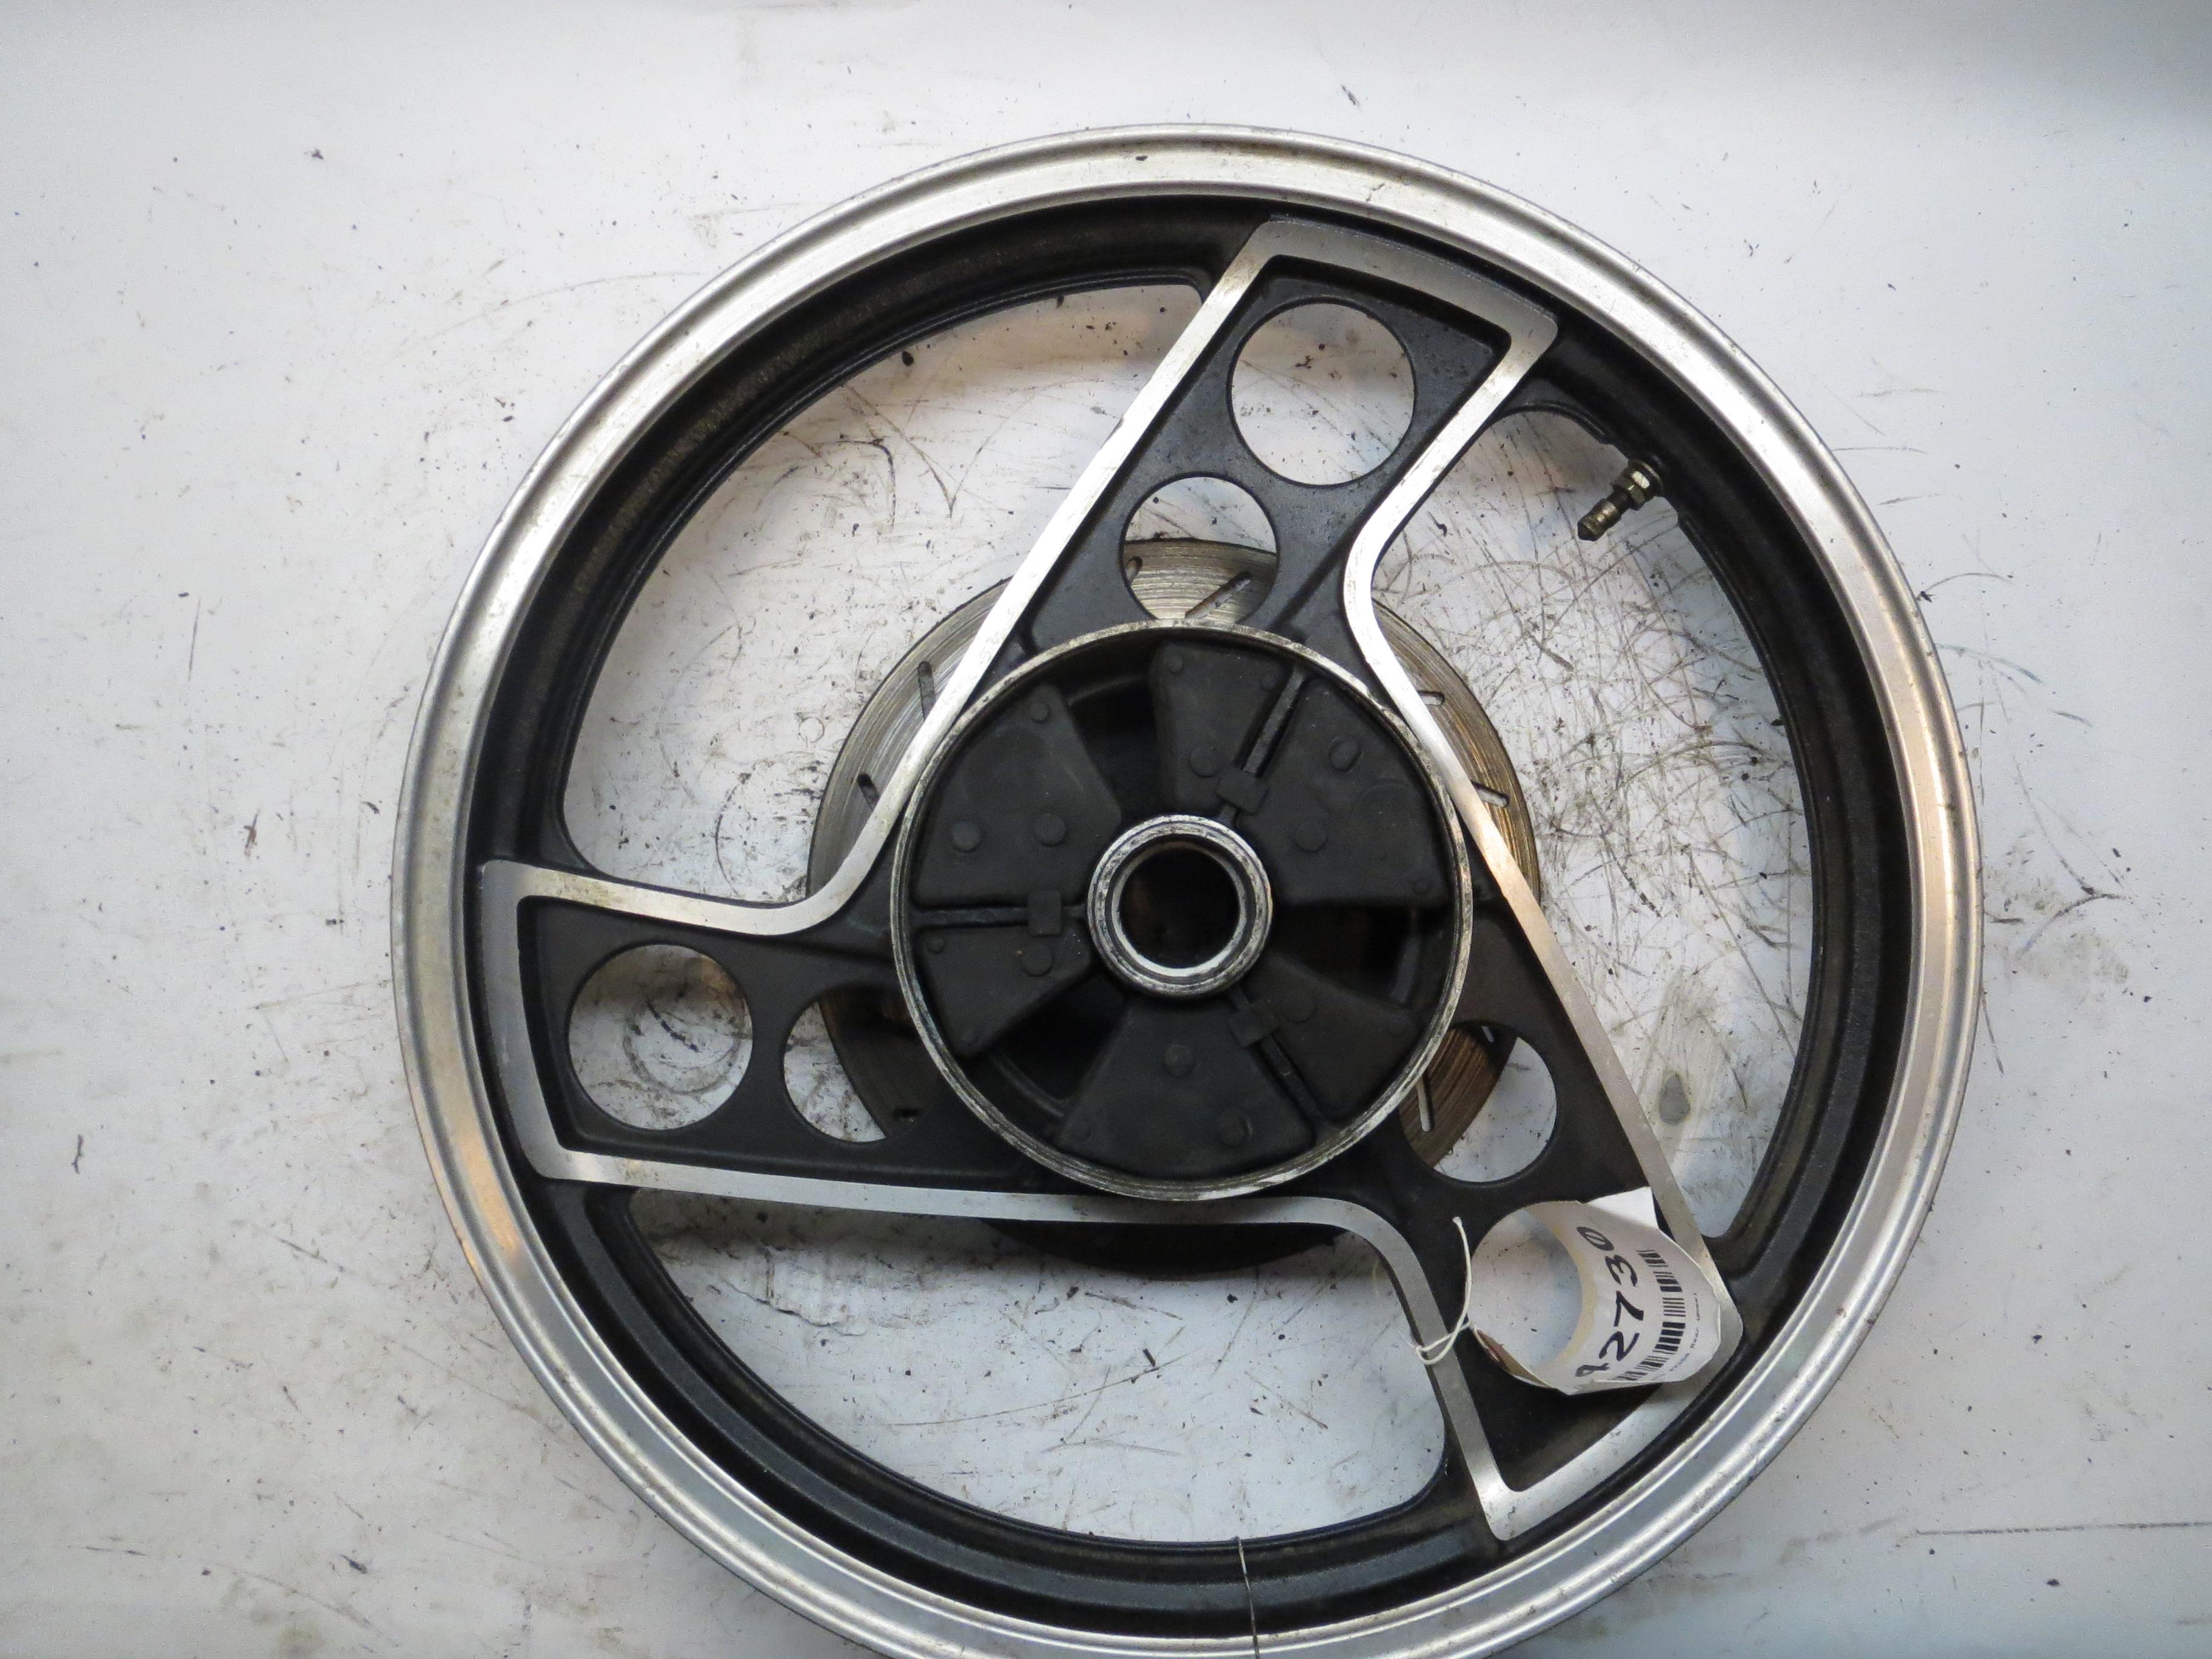 1984-85 Yamaha RZ350 Rear Wheel